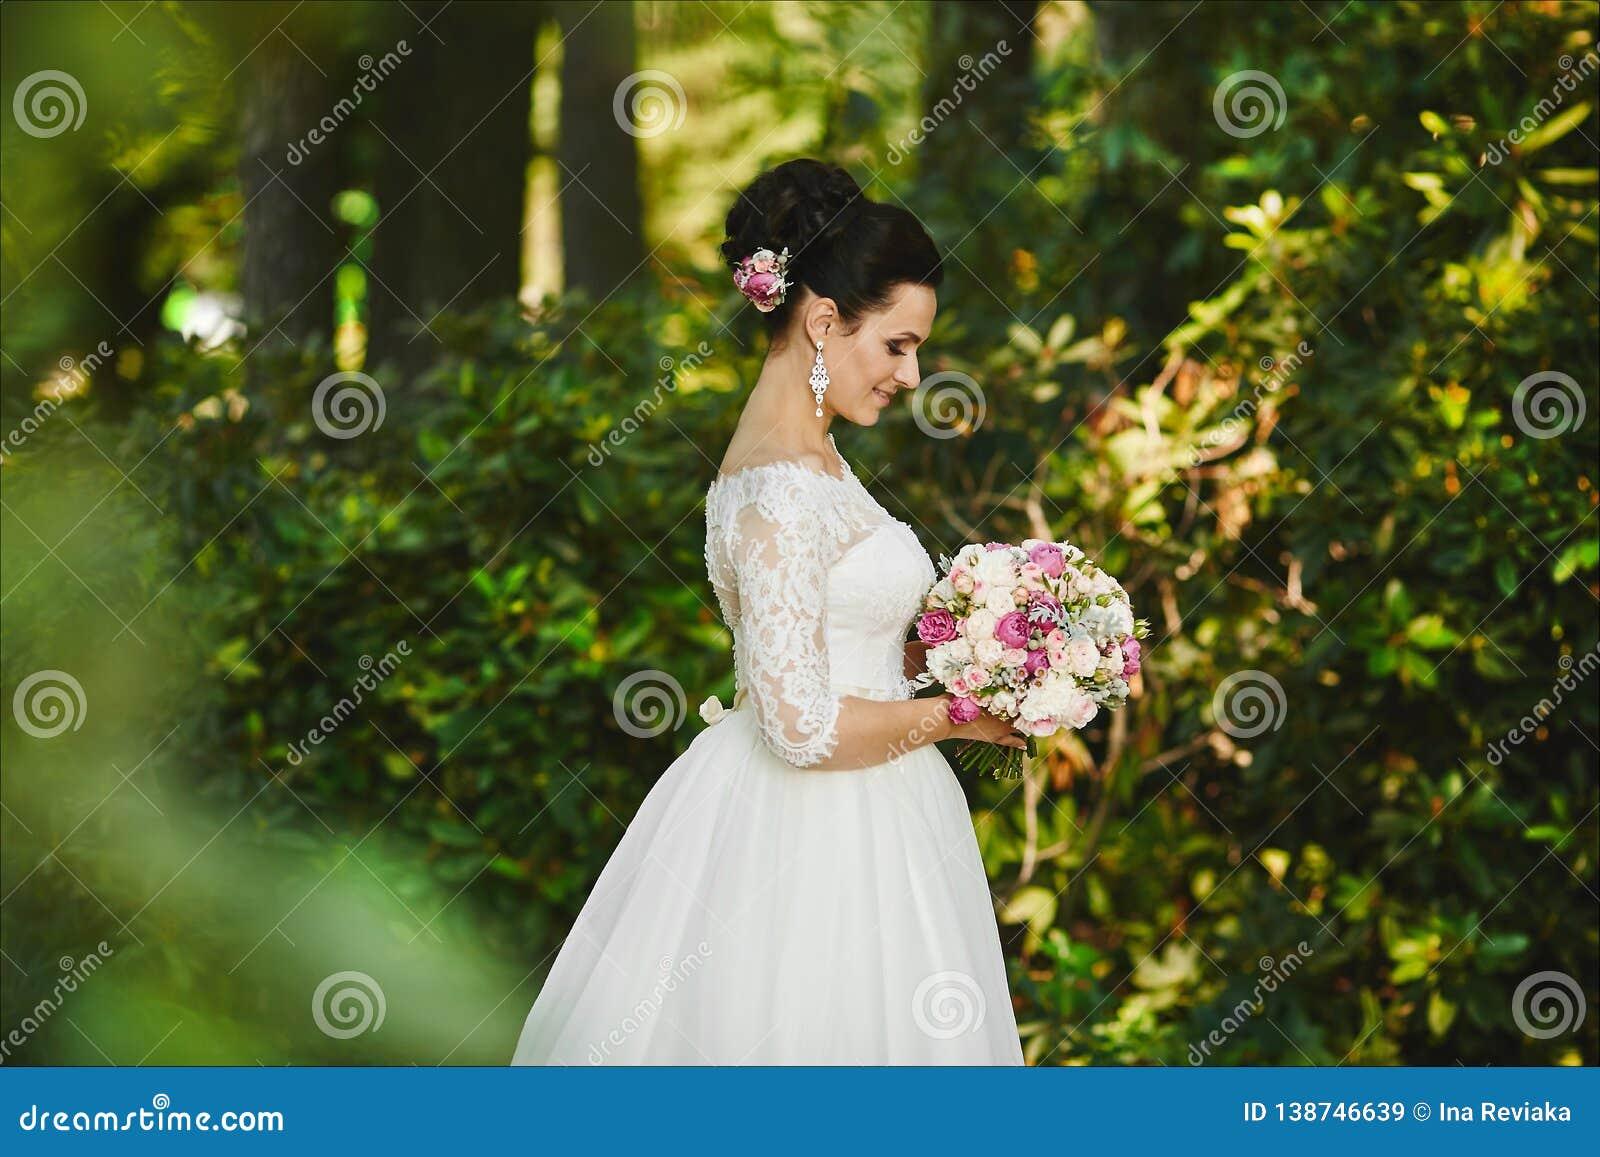 Zacht Portret Van Een Mooie Leuke Gelukkige Bruid Met Een